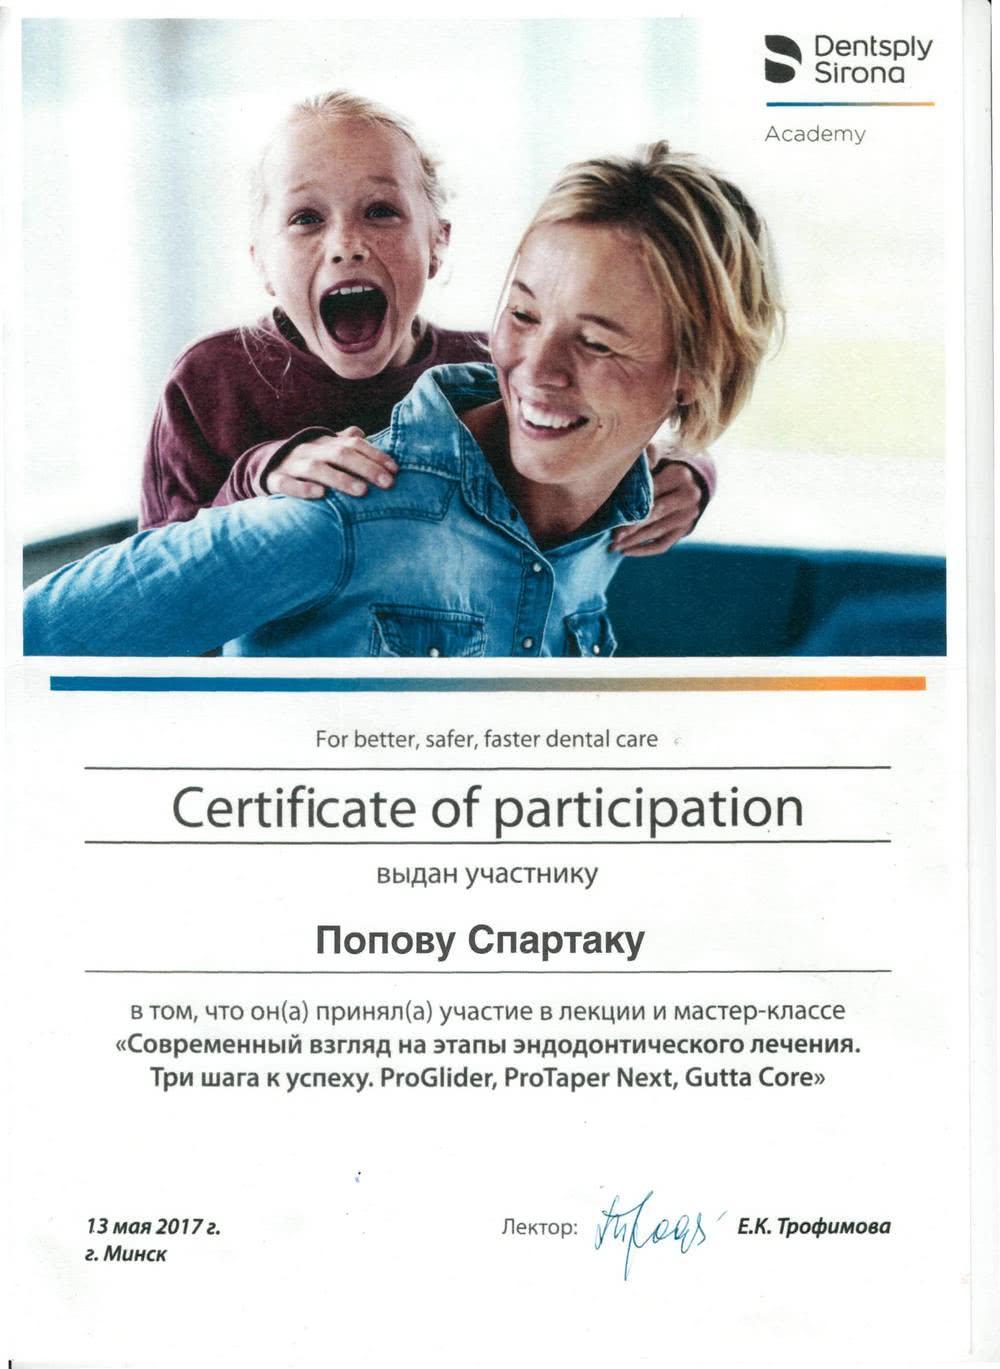 Сертификат об участии в мастер-классе